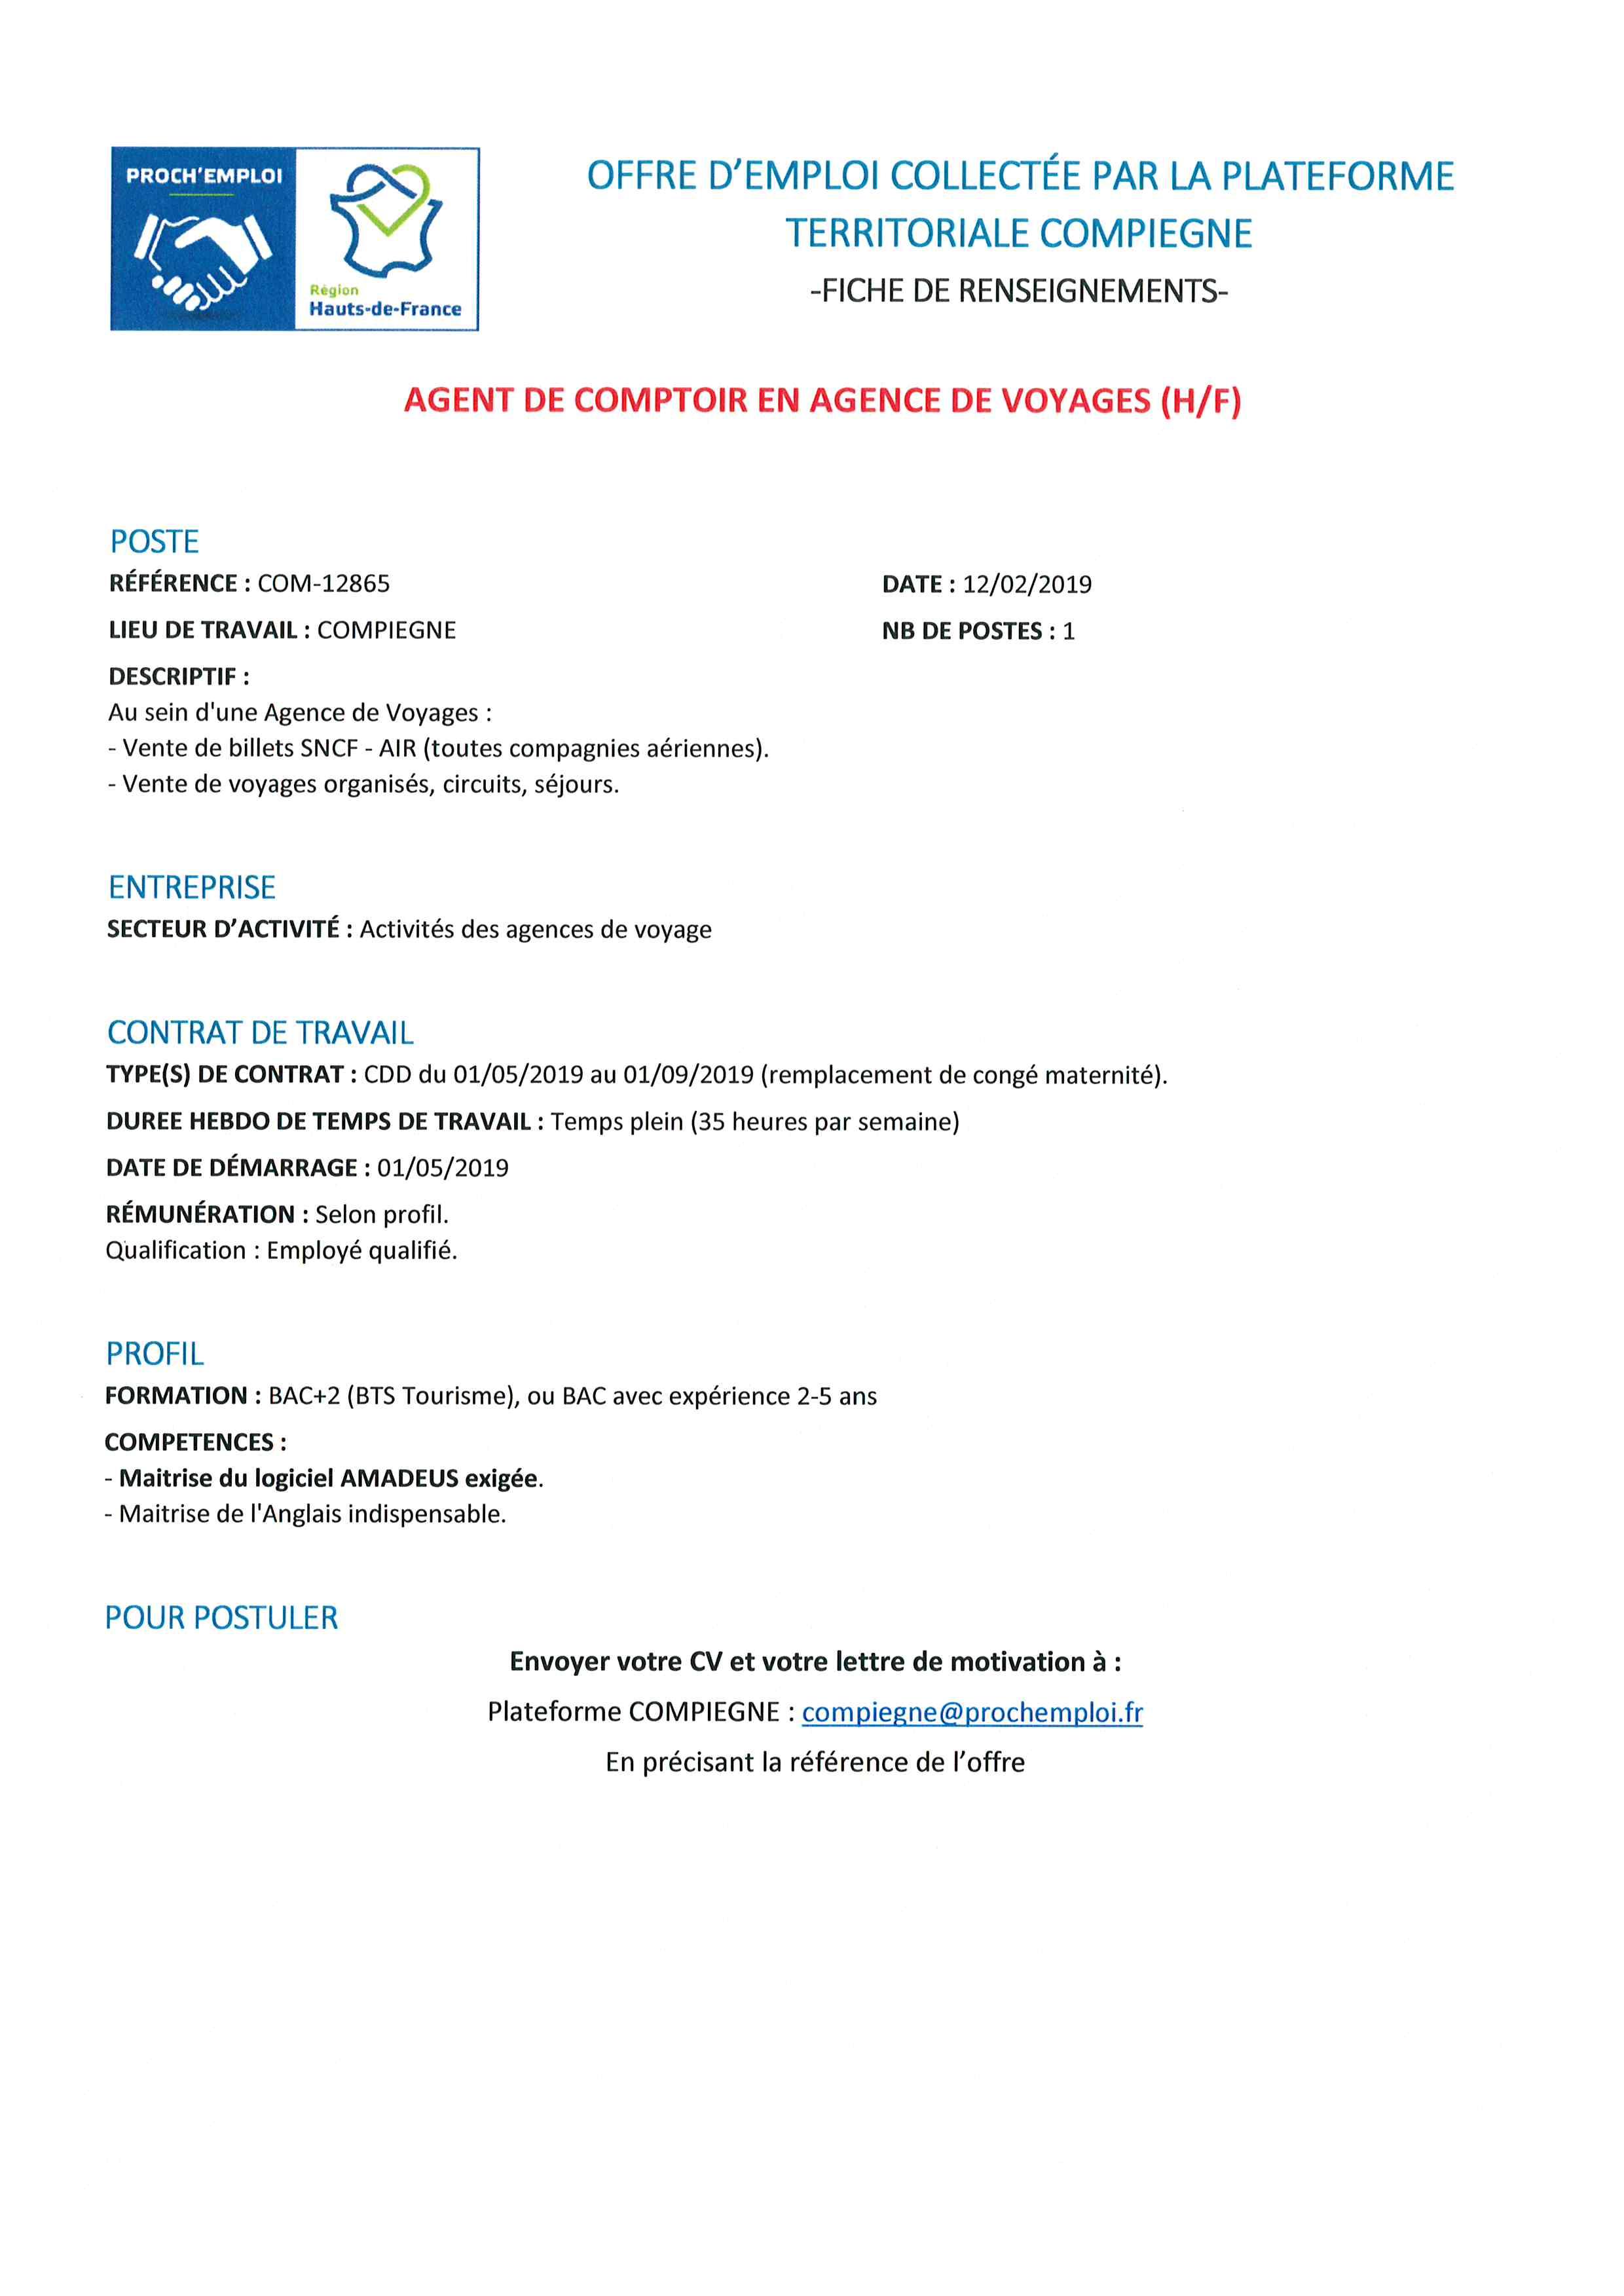 349a7f1aa5b Offres d emplois - Ville de Venette